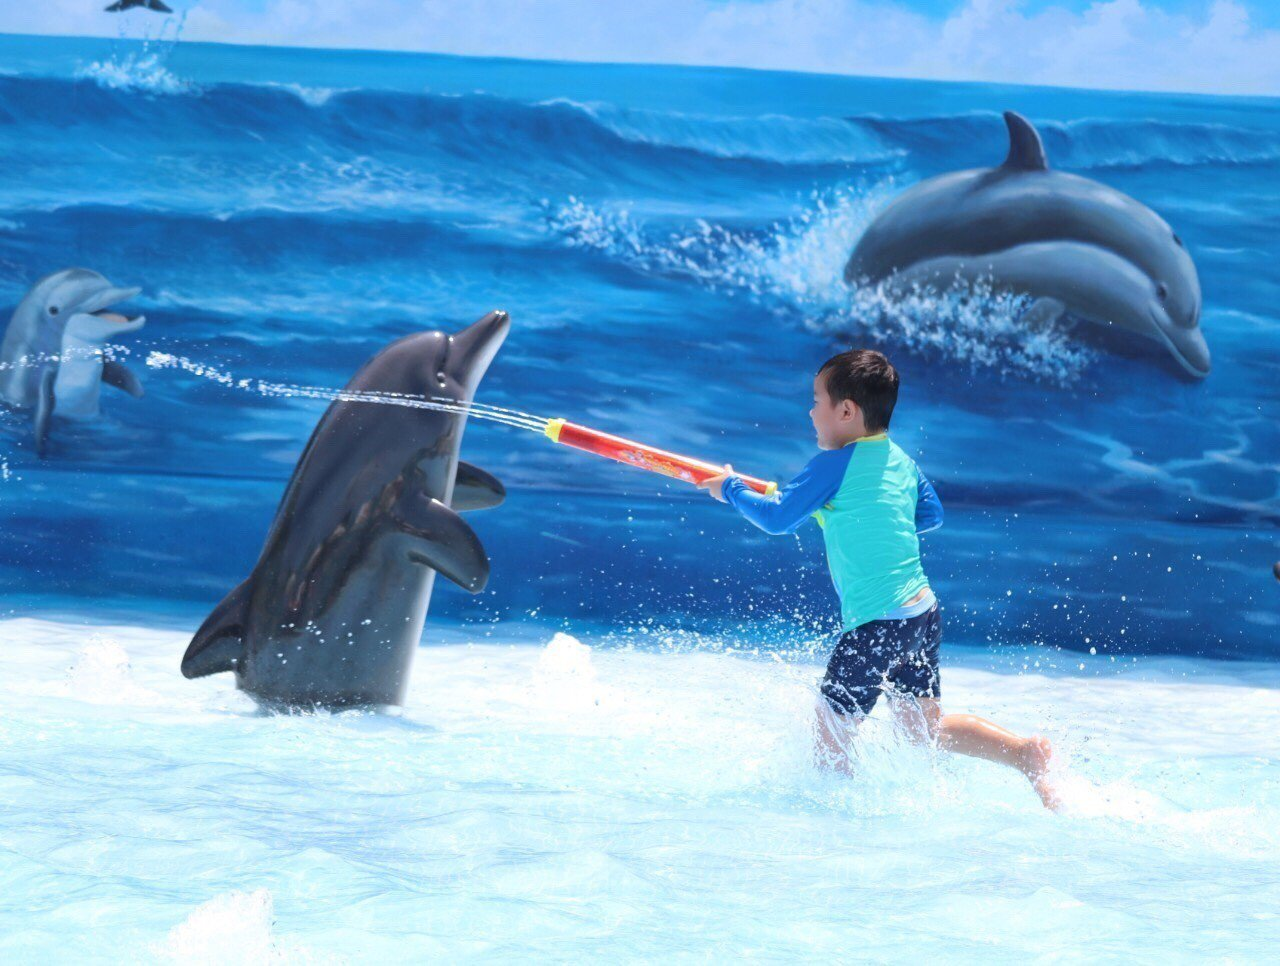 花蓮遠雄海洋公園「海豚3D戲水池」開放,讓小朋友開心玩水。圖/遠雄海洋公園提供